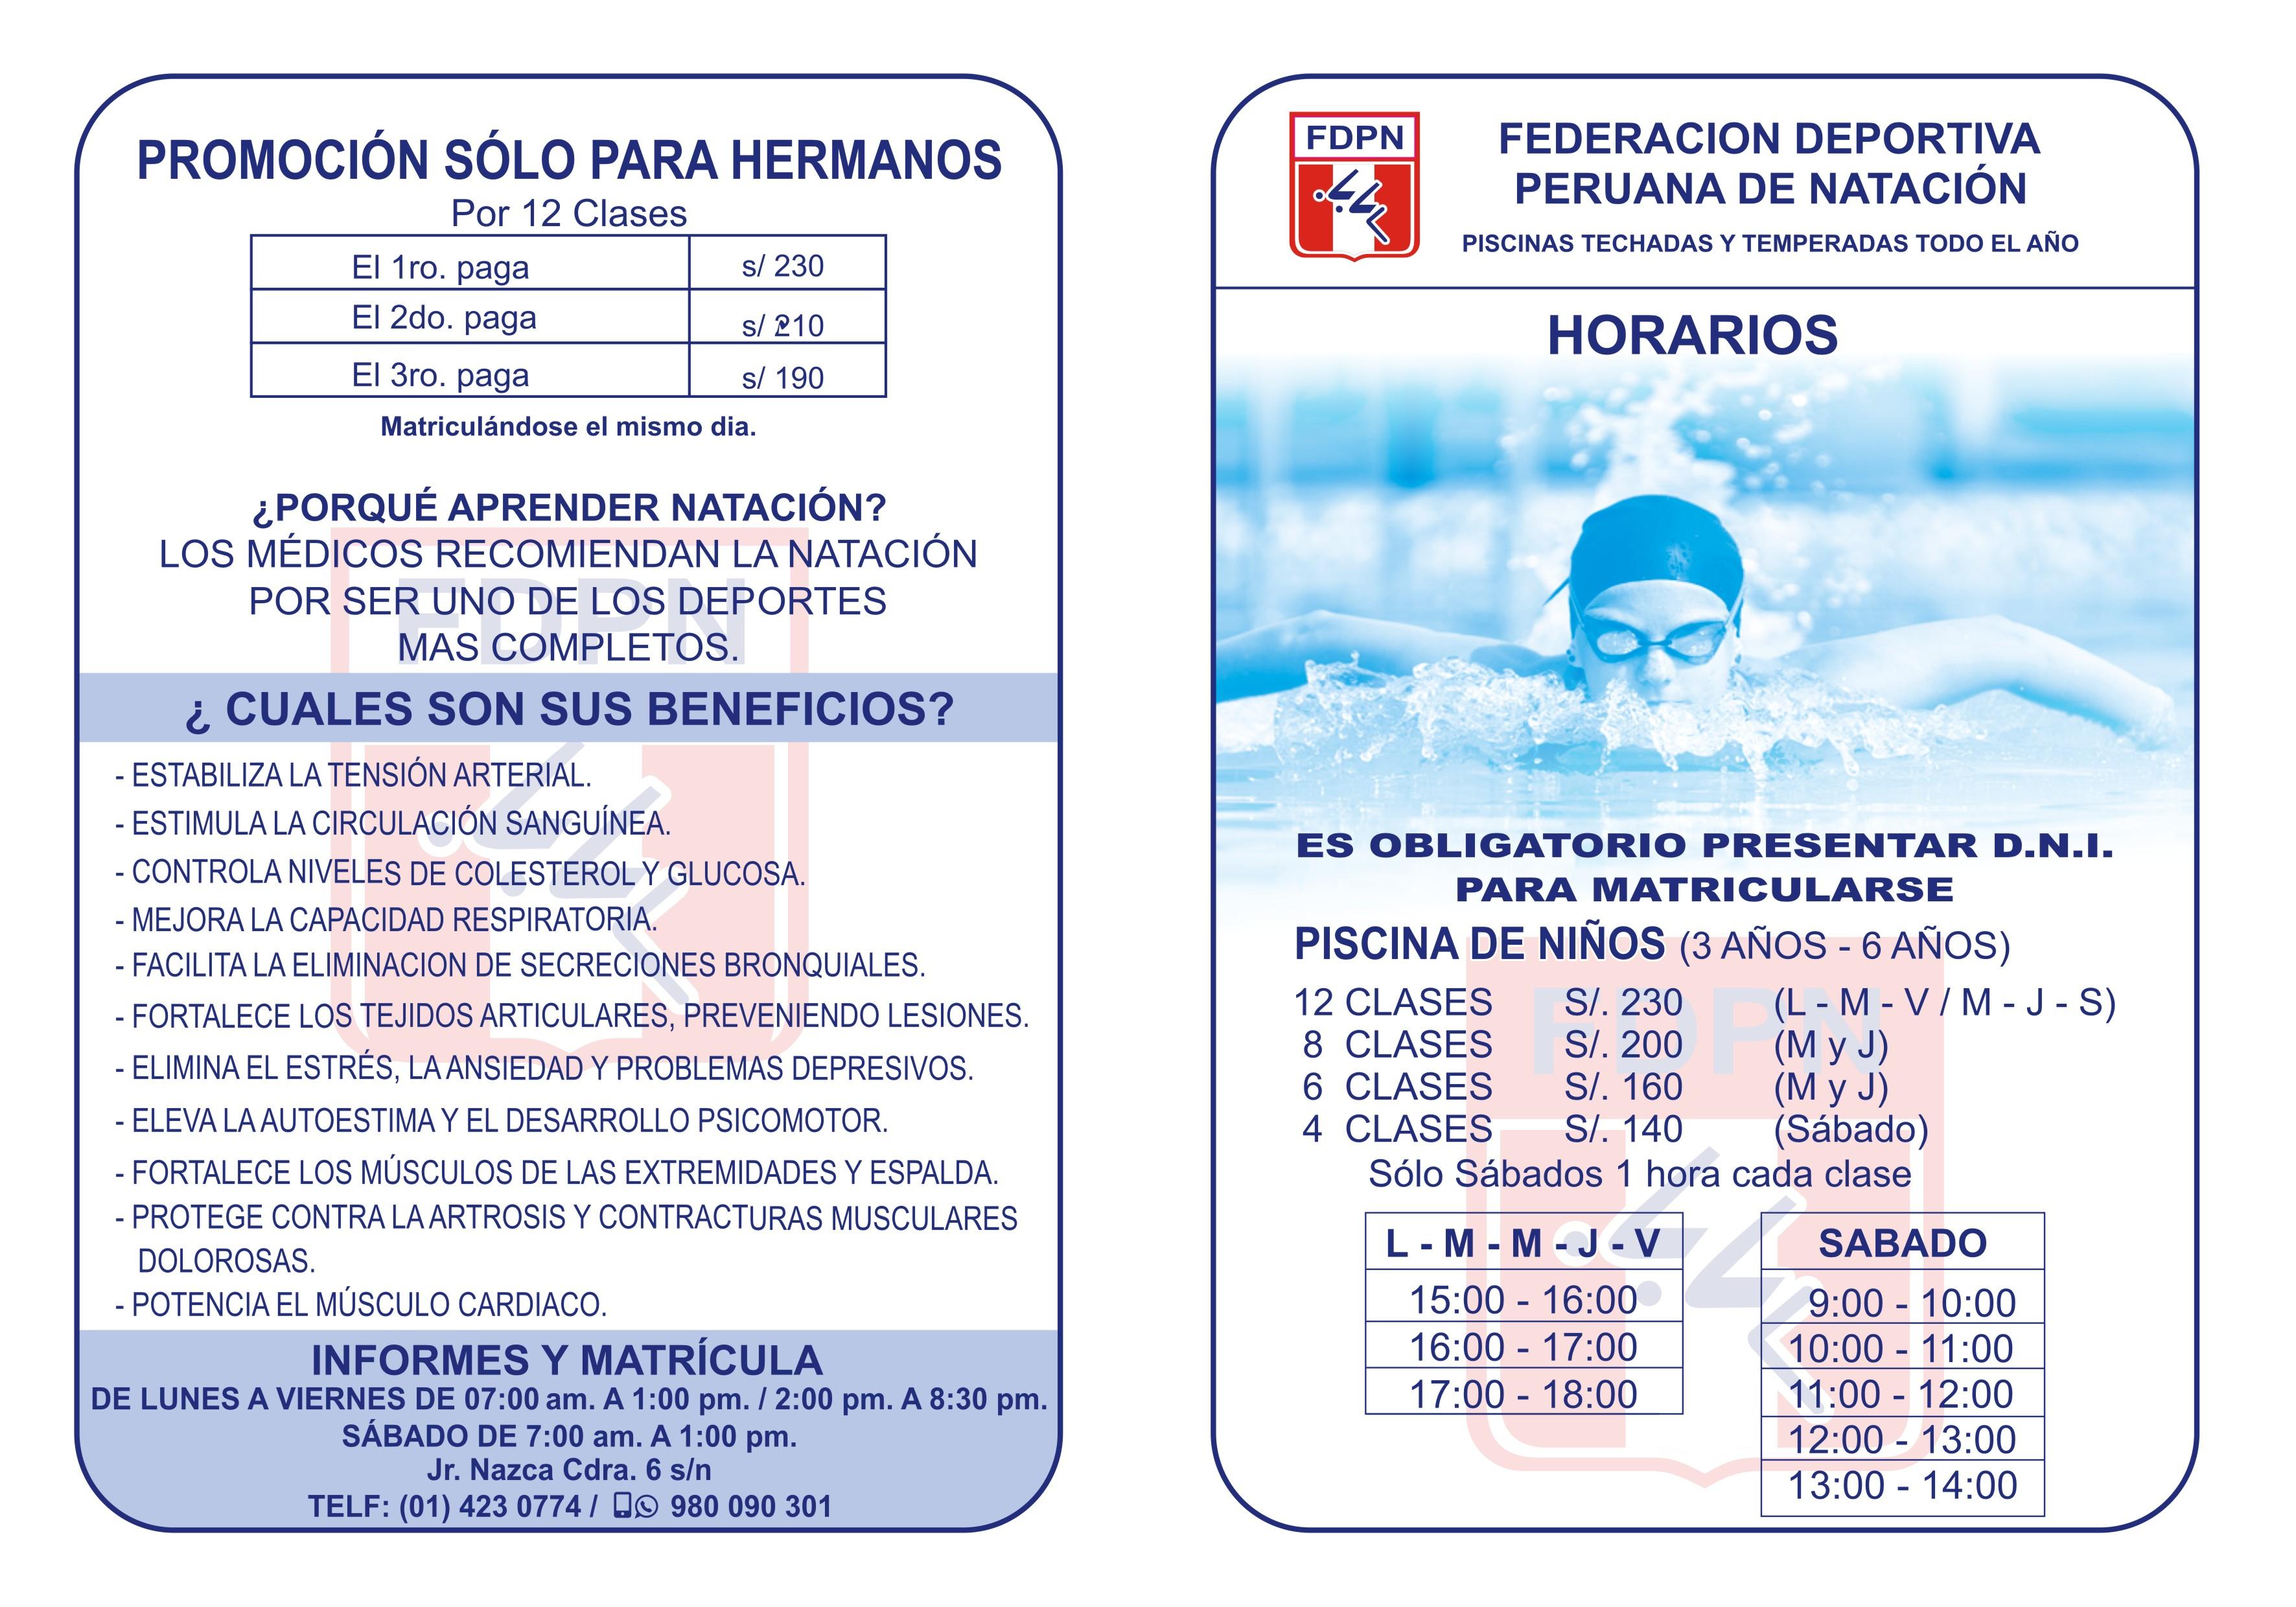 Calendario Pan Americano 2019 Peru.Ver Todos Los Eventos